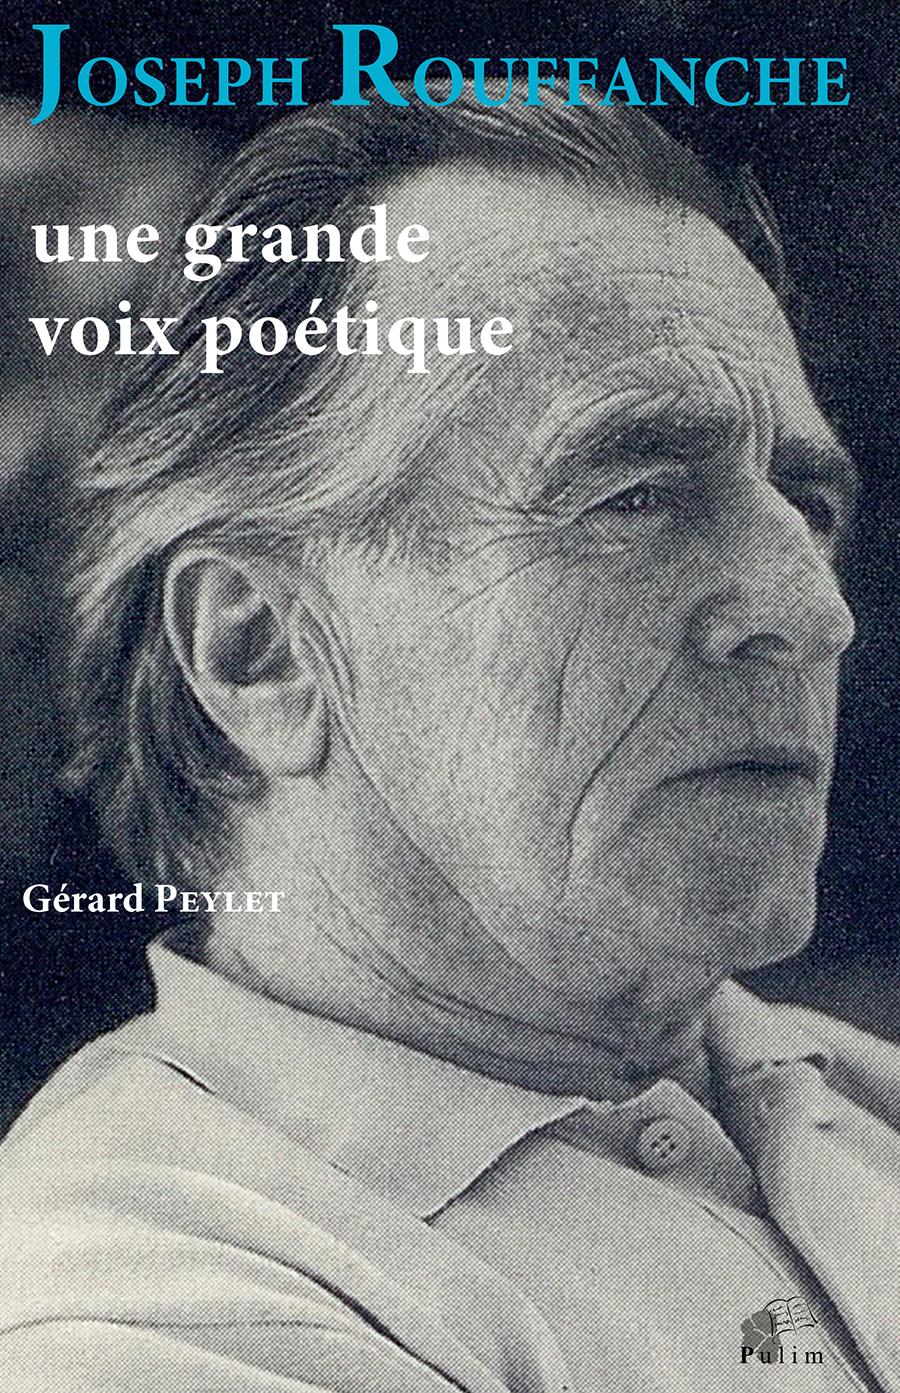 G. Peylet, Joseph Rouffanche - Une grande voix poétique